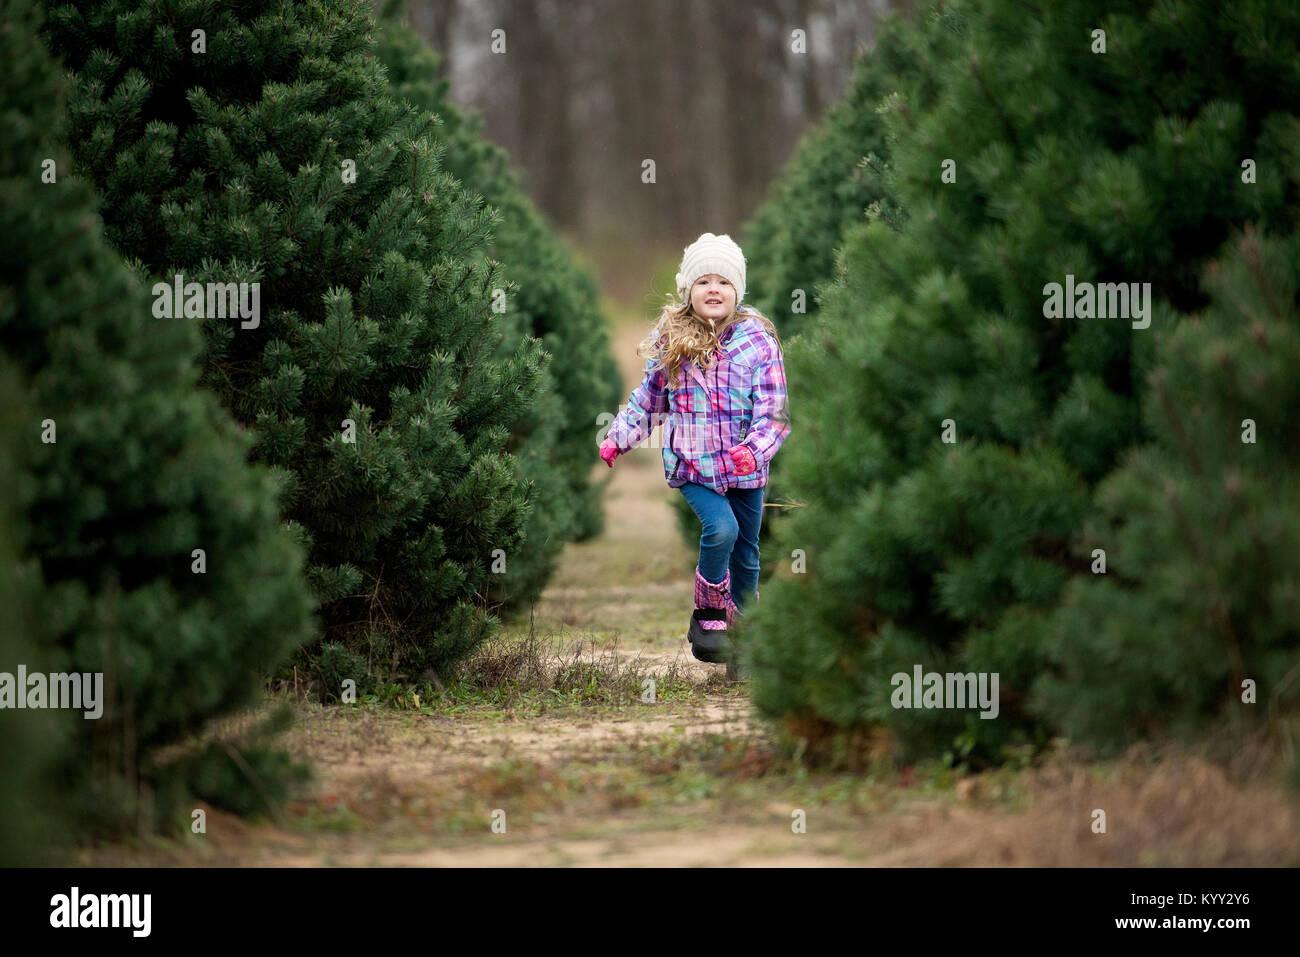 La longitud completa de la niña corriendo en el campo rodeado de pinos. Imagen De Stock